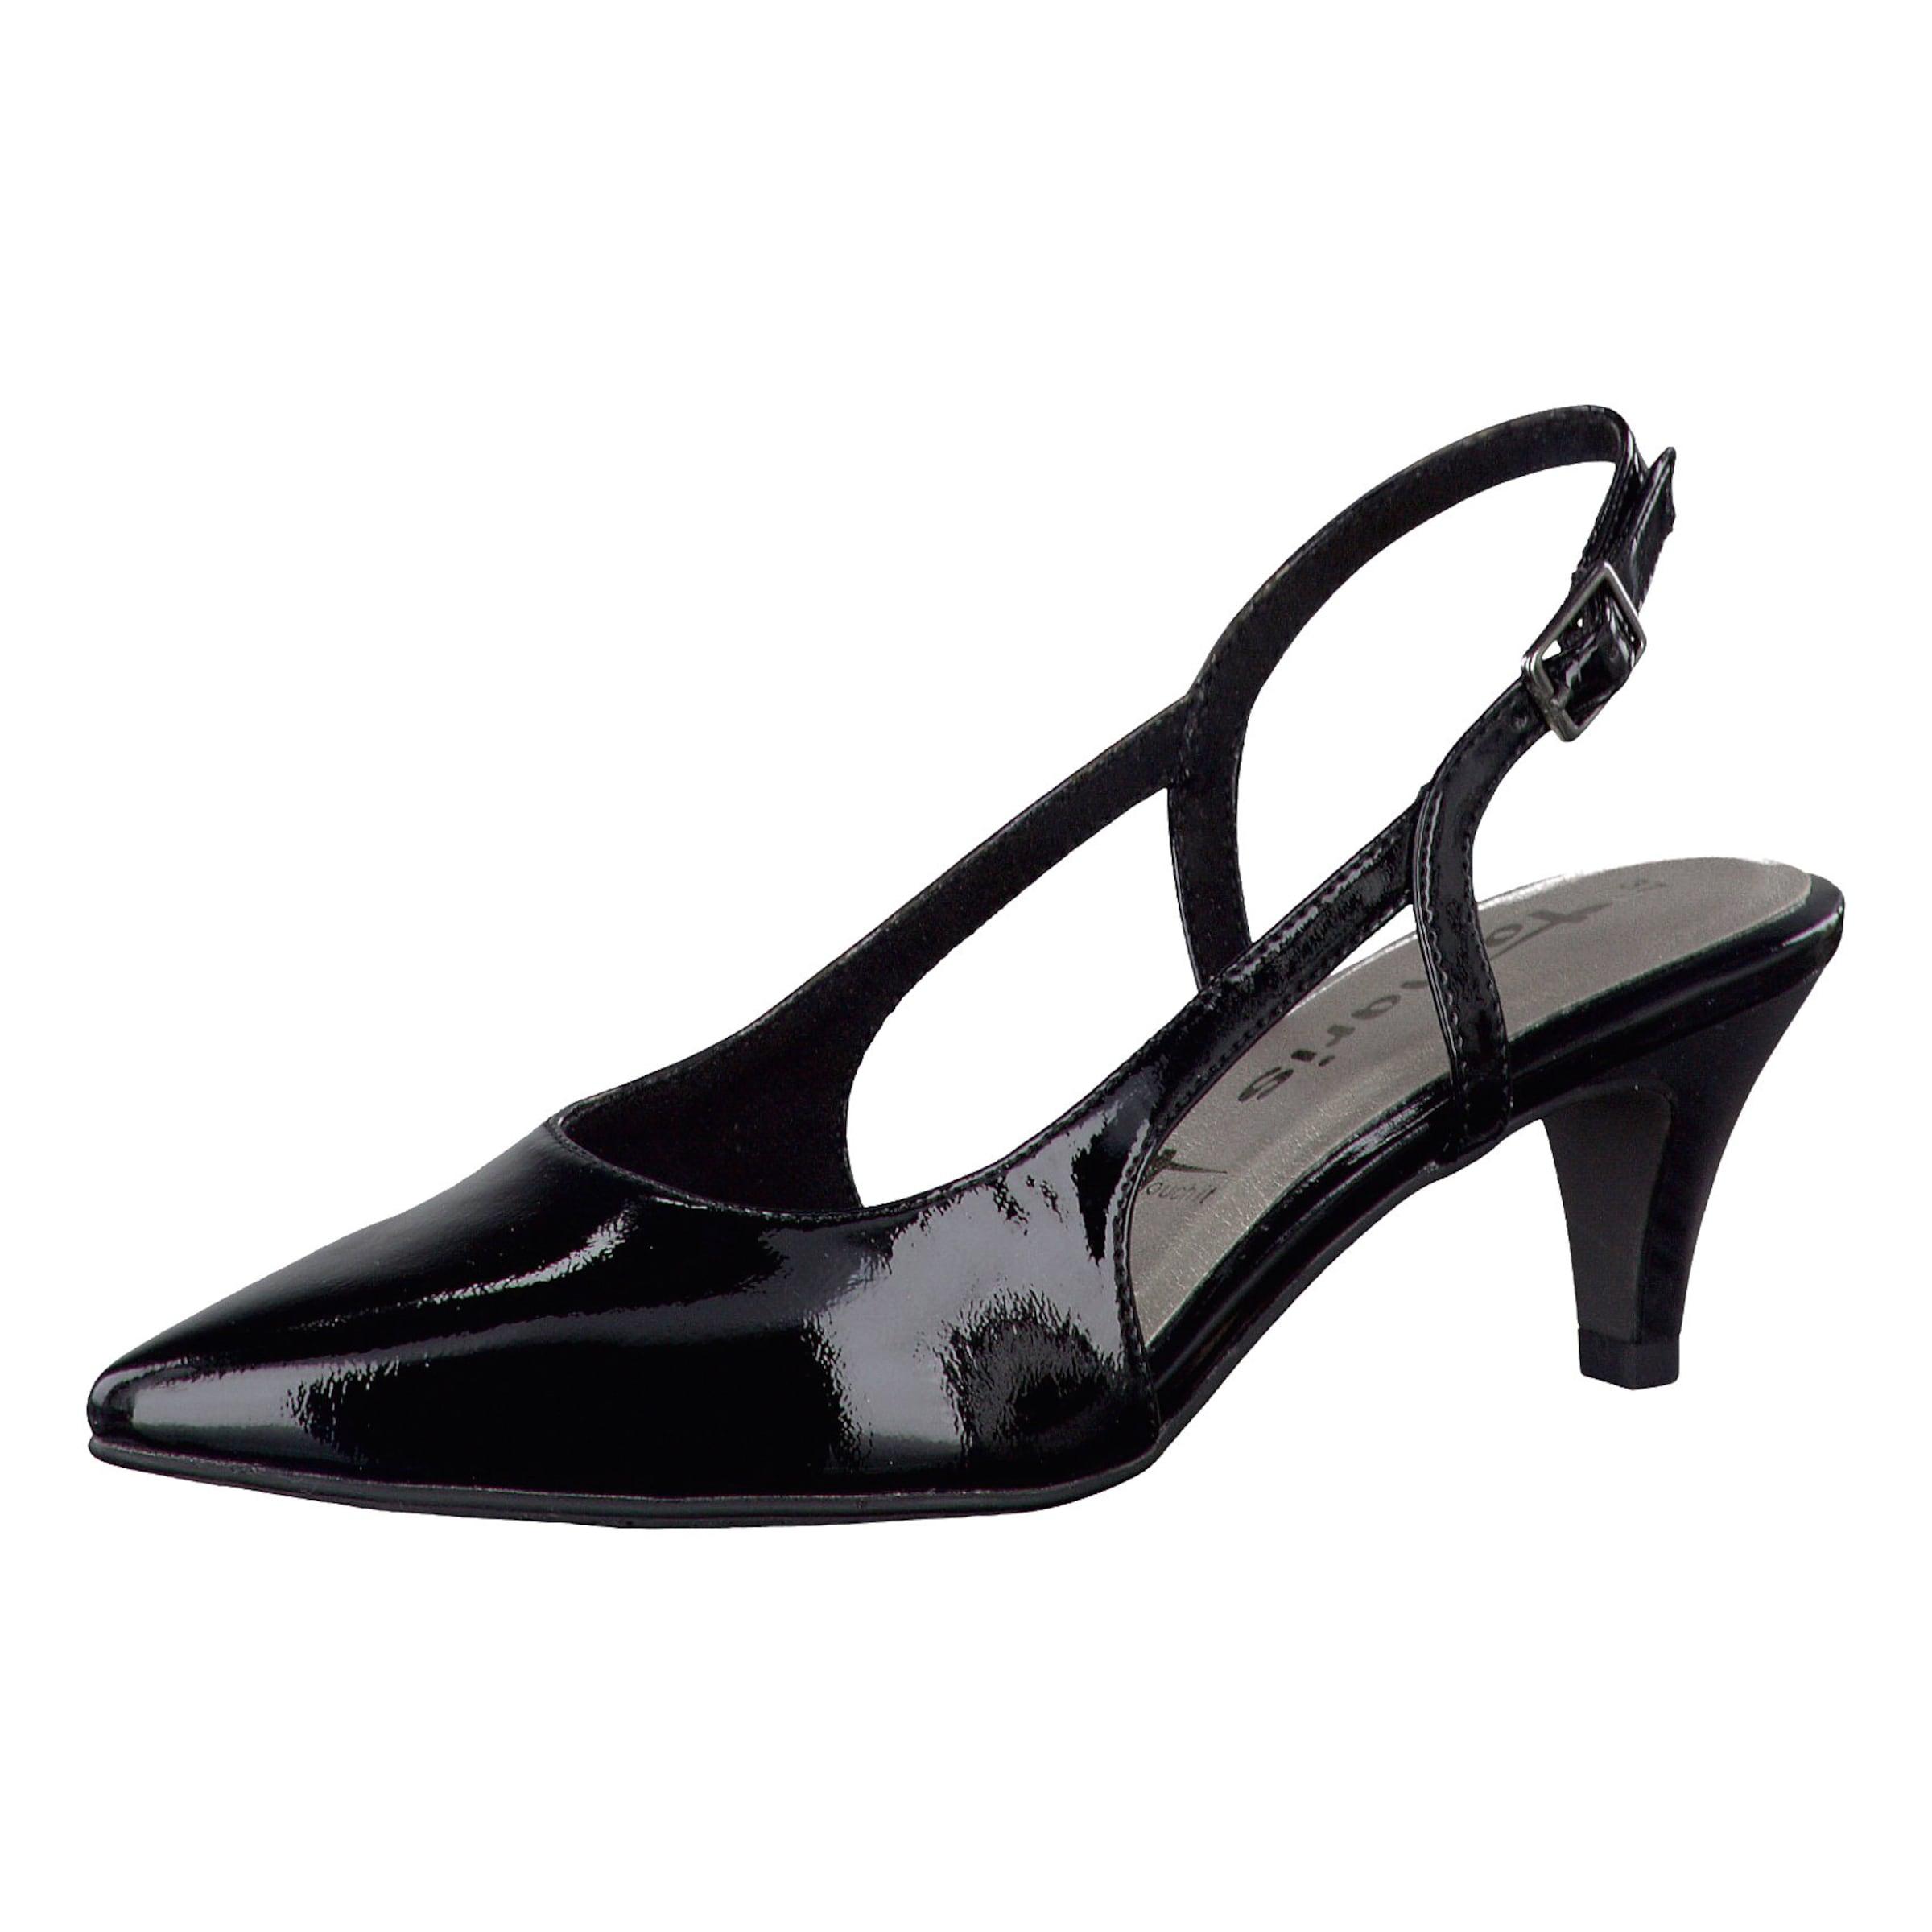 TAMARIS Fatsia Pumps Verschleißfeste billige Schuhe